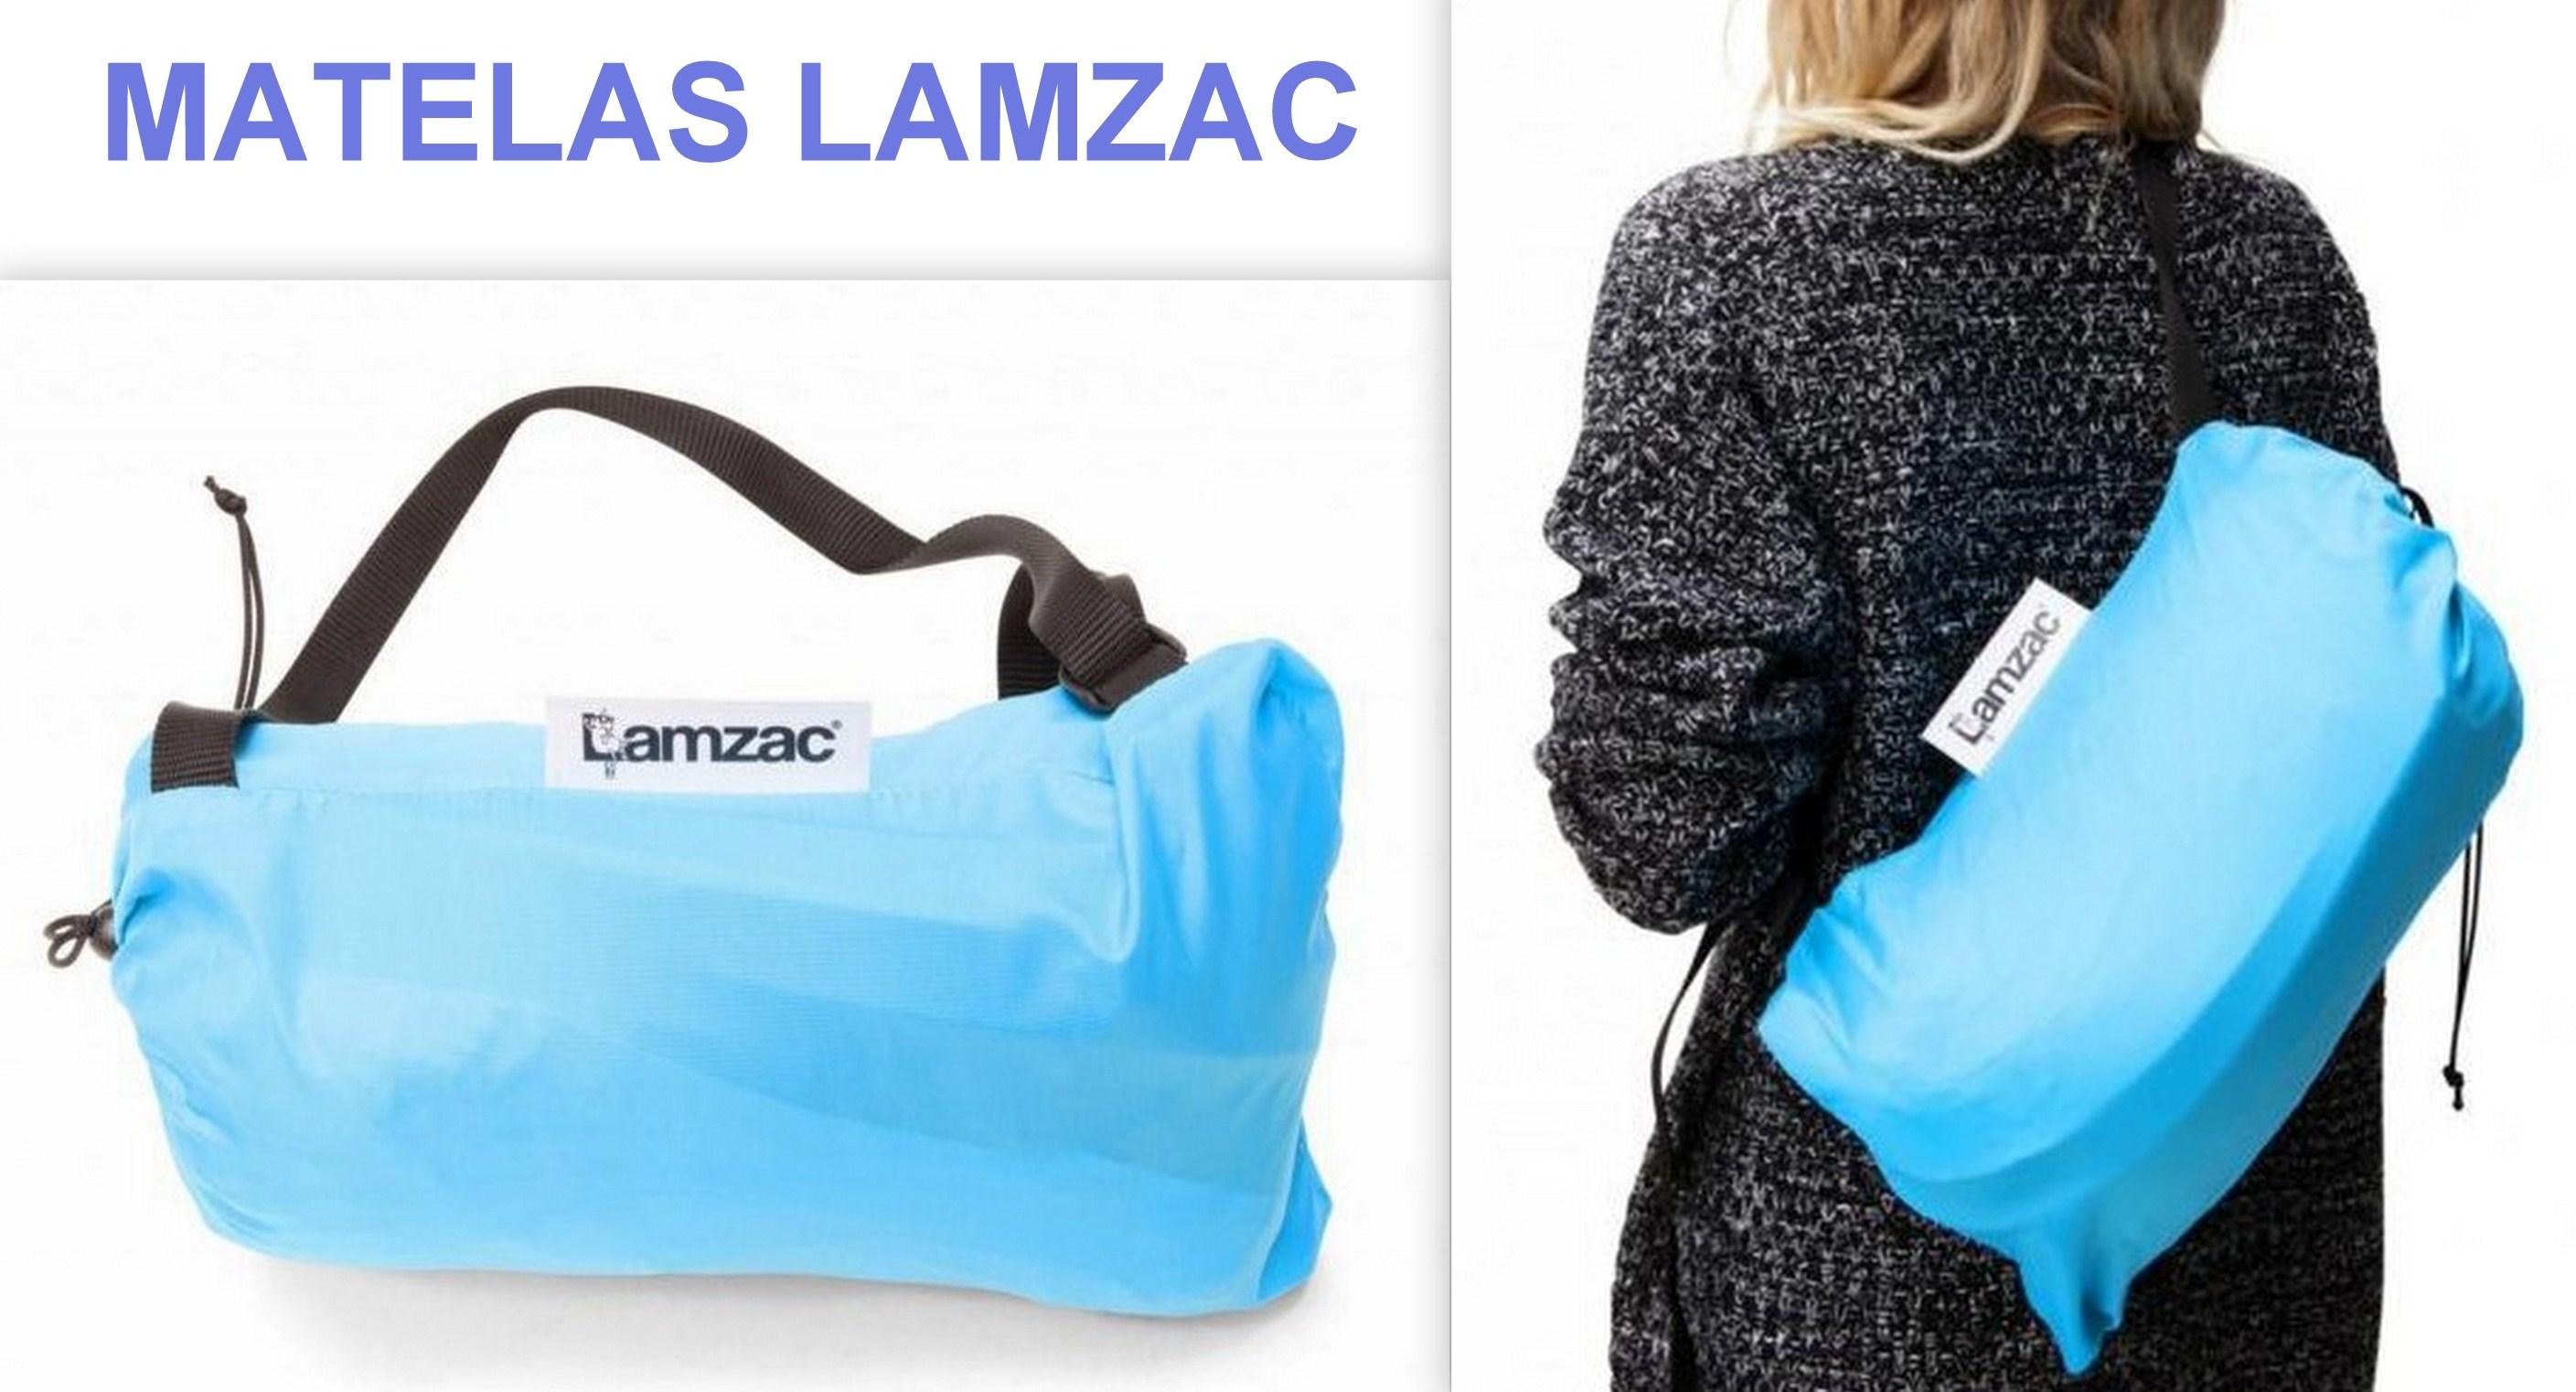 Le matelas Lamzac, le matelas tout terrain qu'il vous faut